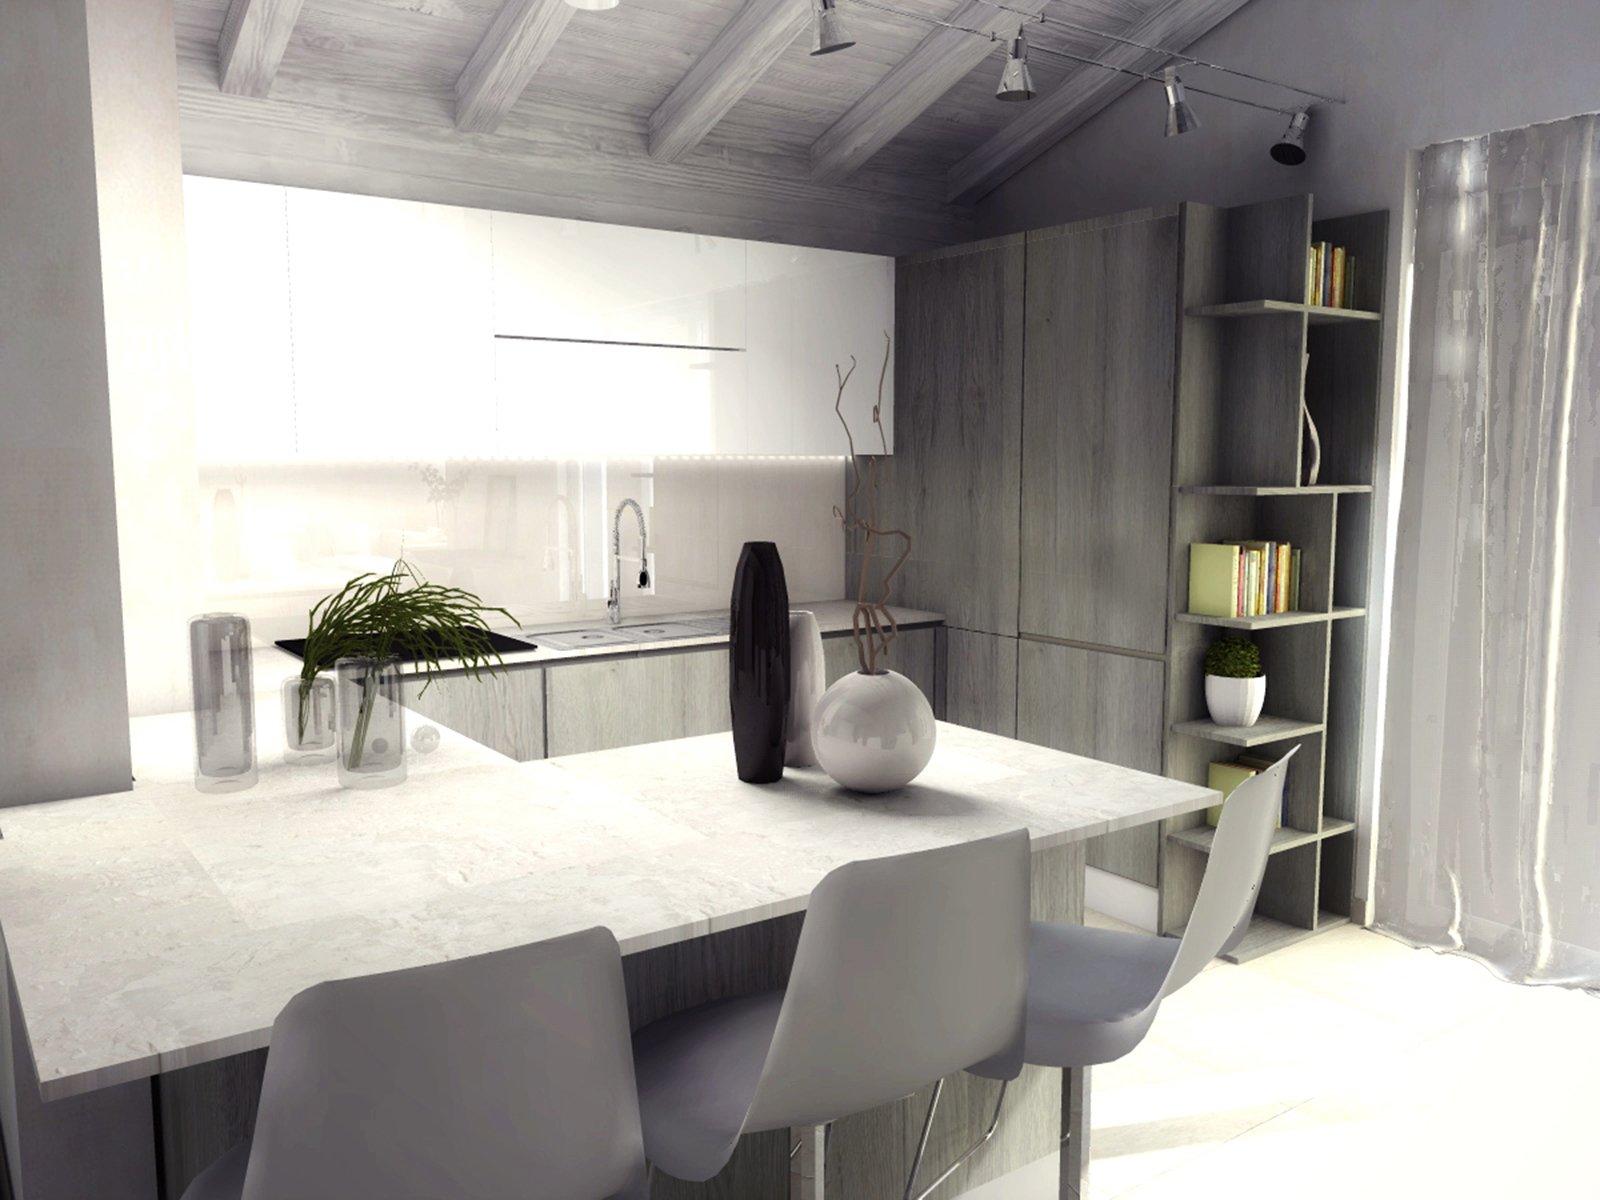 Una mansarda di nuova costruzione un progetto d 39 arredo - Cucine in mansarda ...